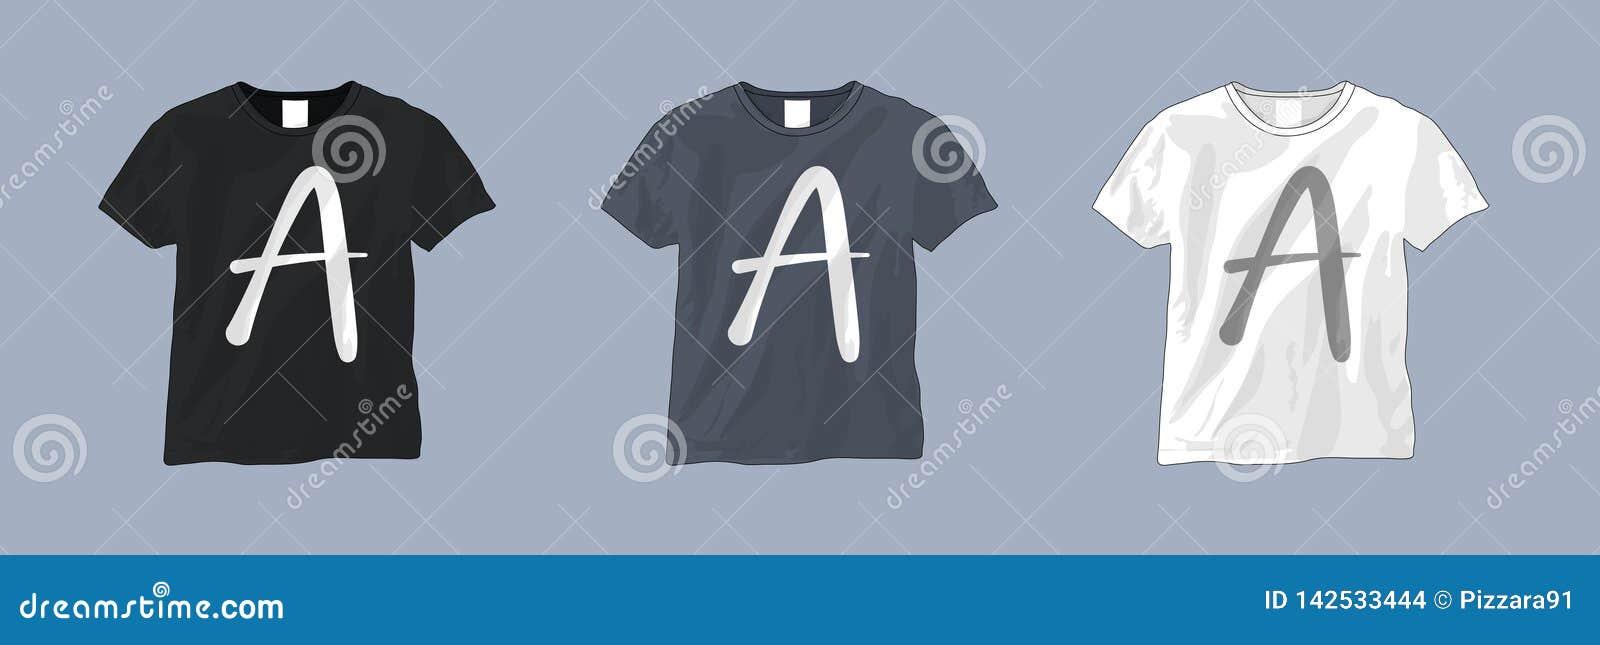 Plantilla blanco y negro de la camiseta